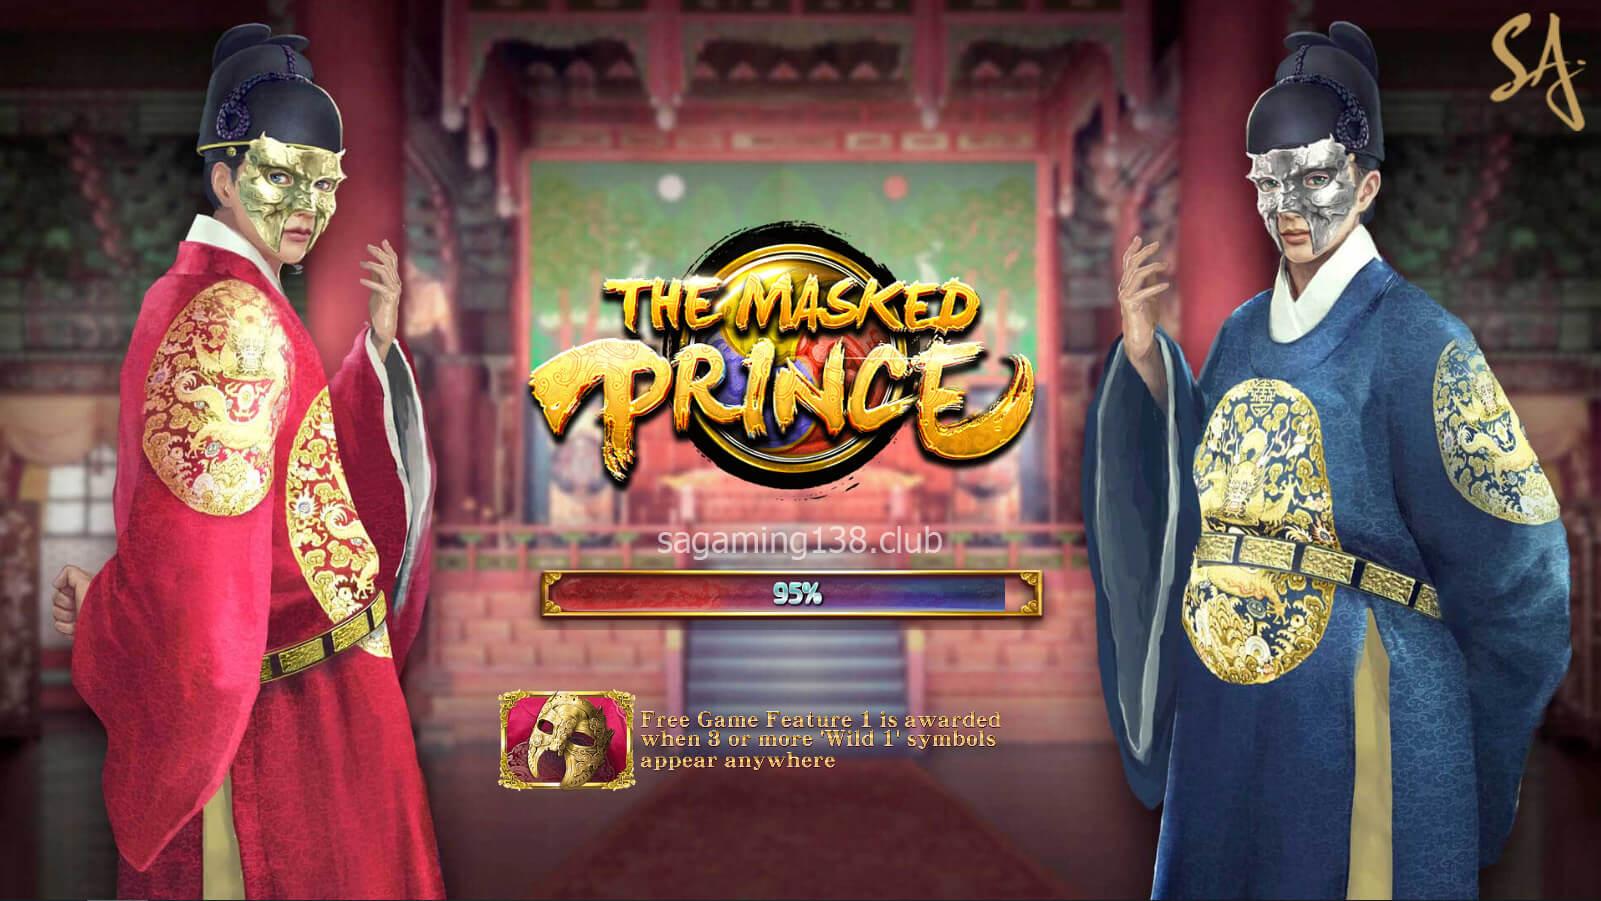 The Masked Prince เกมสล็อตออนไลน์ 5 SA Gaming คาสิโนออนไลน์ที่ดีที่สุด